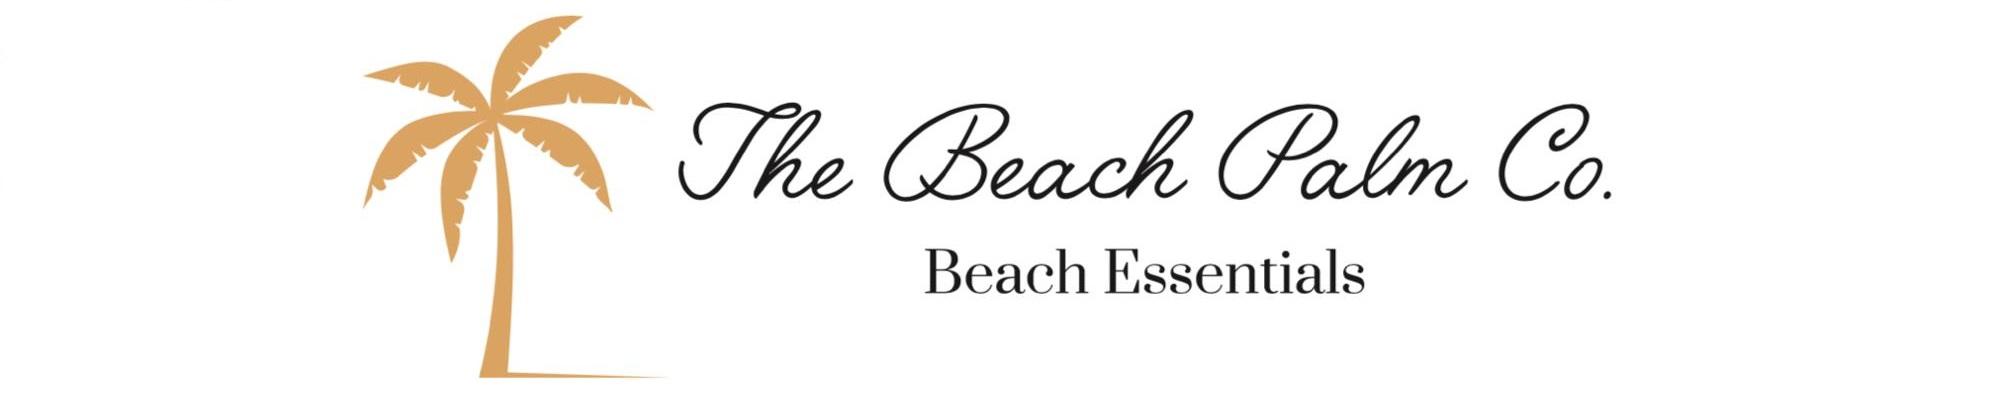 The Beach Palm Co.